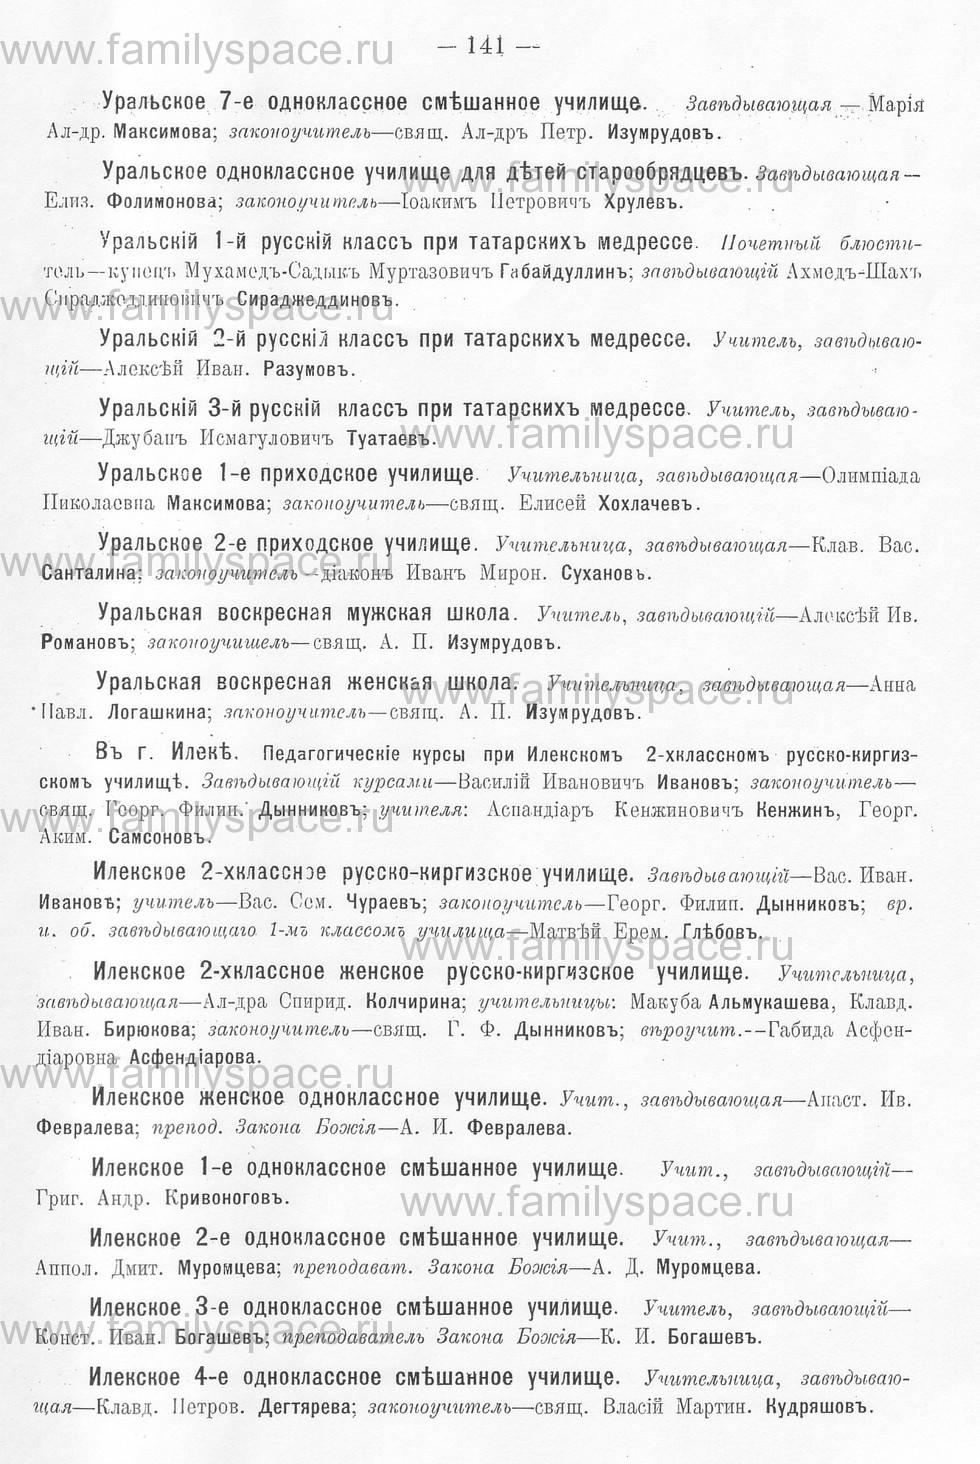 Поиск по фамилии - Памятная книжка Уральской области на 1913 год, страница 141